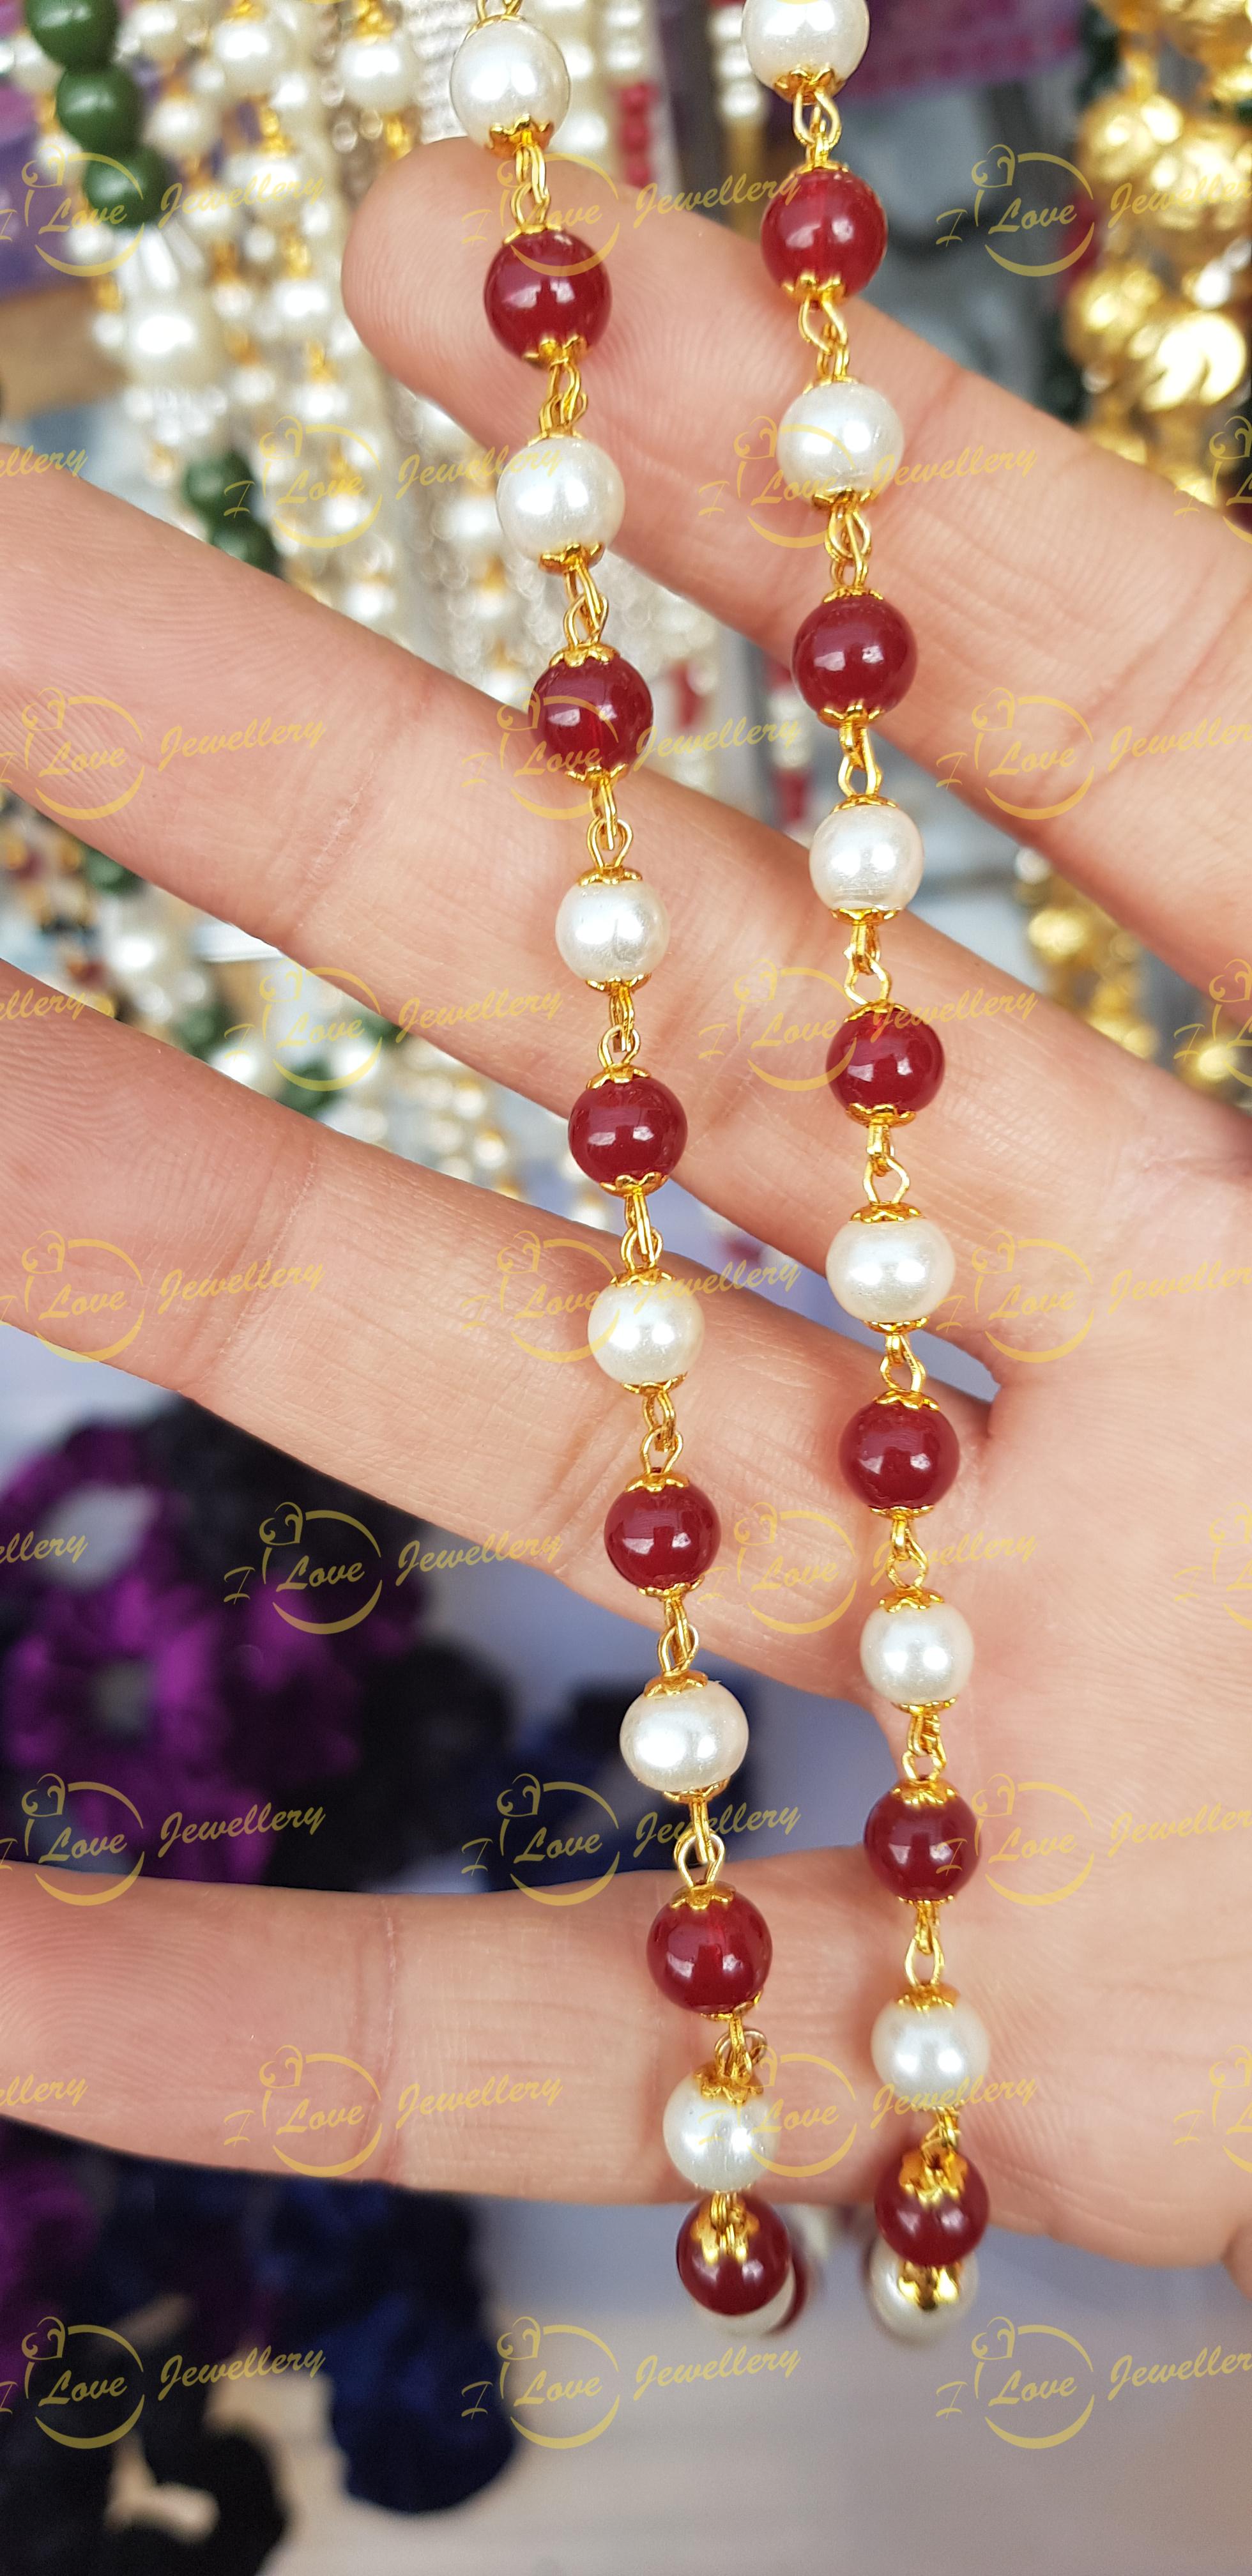 Fashion chain- pearl chain - maroon chain - golden chain - maroon chain - wholesale Pakistani jewellery - bespoke Pakistani jewellery - Pakistani wedding jewellery - Pakistani bridal jewellery